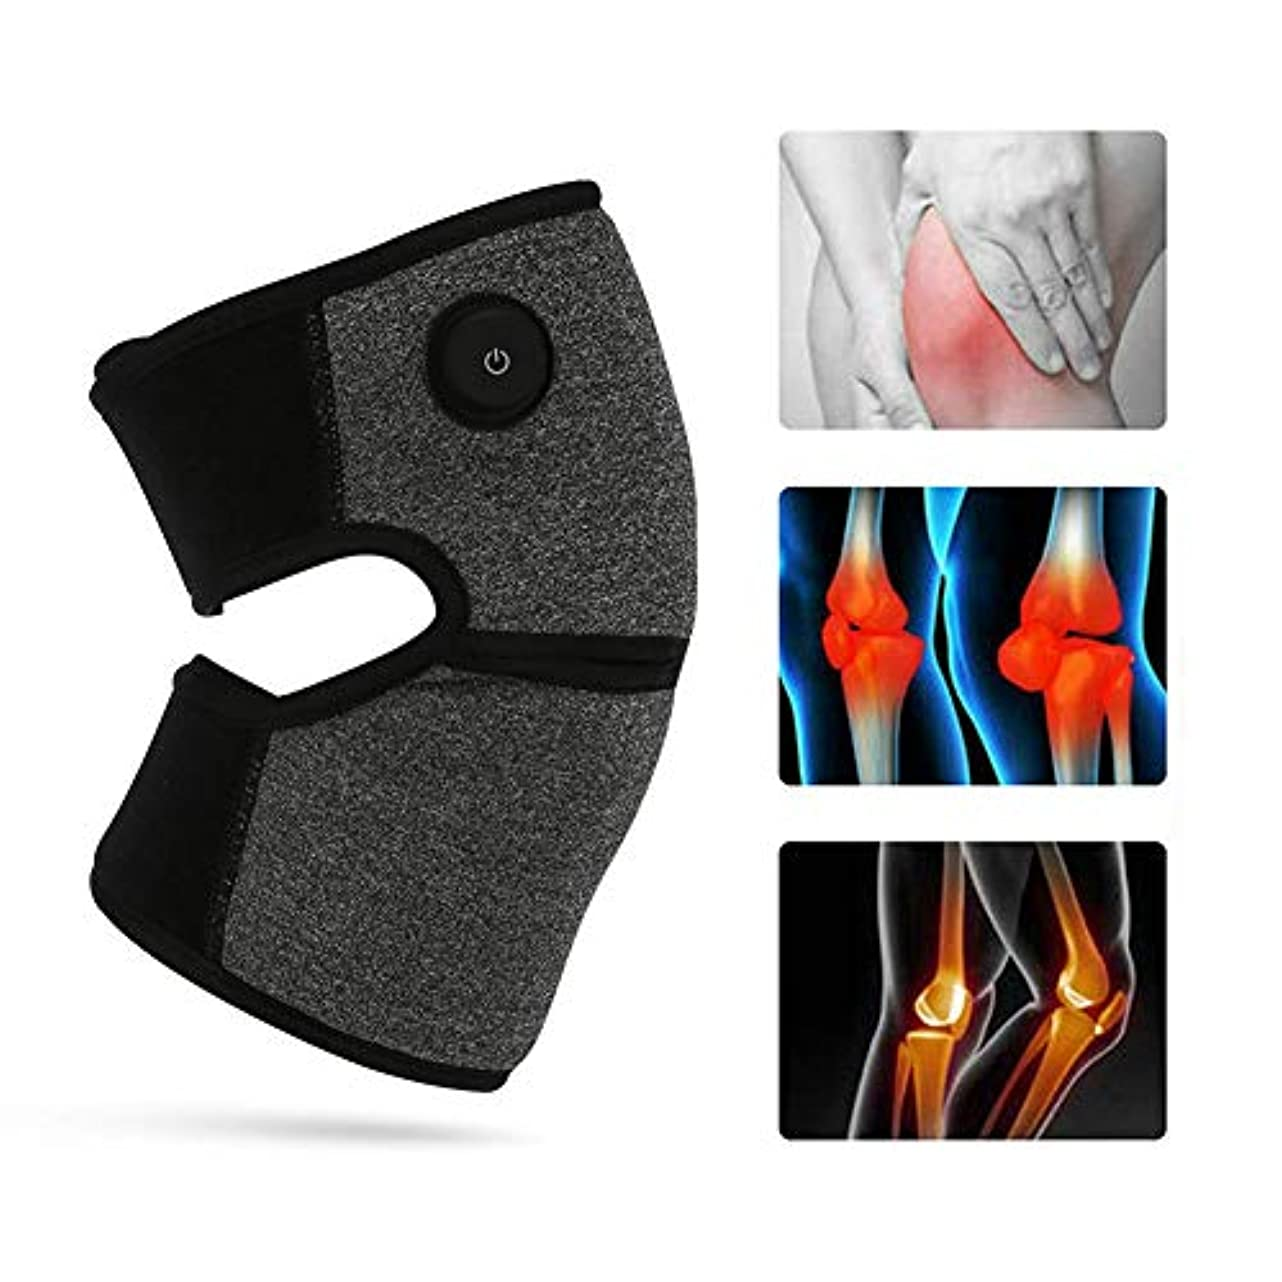 北へ津波エキスパート膝関節炎のための3ファイル温度加熱膝装具療法ホット圧縮による電気加熱膝ラップサポート,2pcs